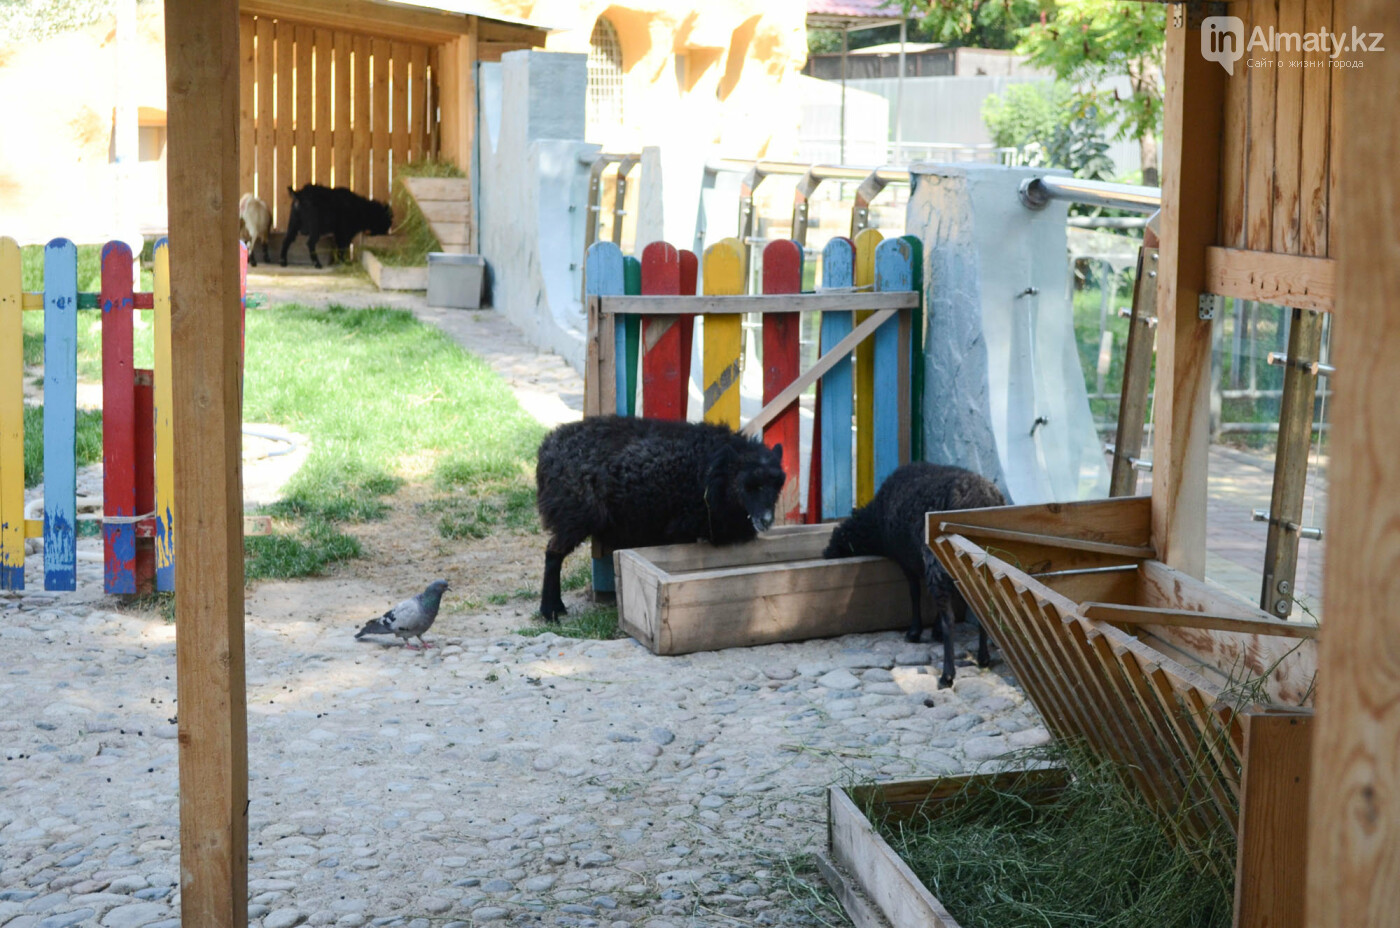 Как живут обитатели контактной секции Алматинского зоопарка (фото), фото-3